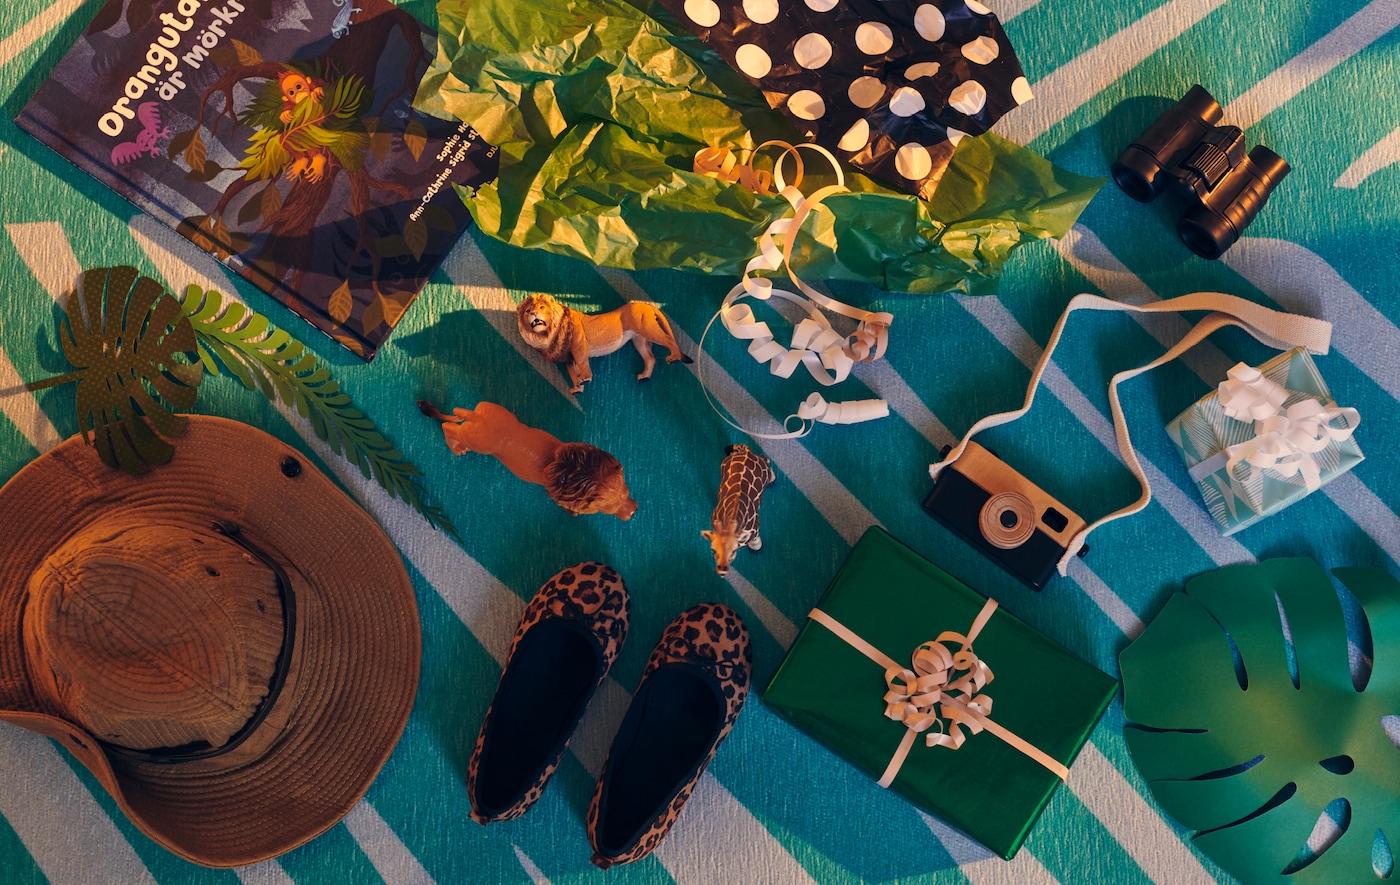 Vários presentes embrulhados e desembrulhados, e brinquedos adequados ao tema da exploração e aventura, em cima de um tapete GRACIÖS.